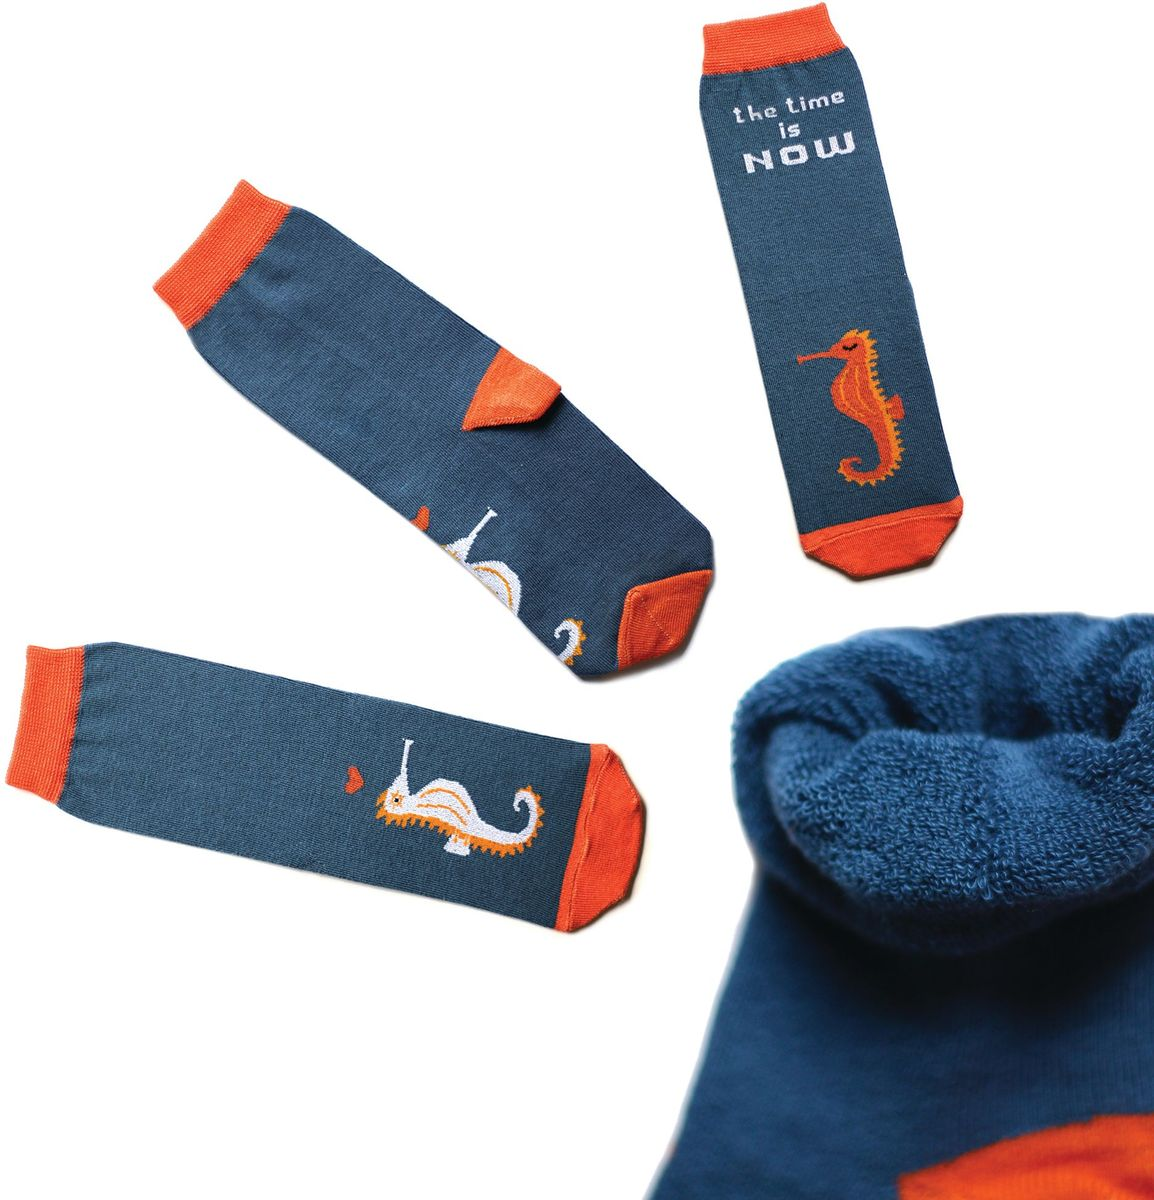 Носки детские Big Bang Socks, цвет:темно-бирюзовый, оранжевый. ca1913. Размер 30/34ca1913Яркие махровые носки Big Bang Socks изготовлены из высококачественного хлопка с добавлением полиамидных и эластановых волокон, которые обеспечивают великолепную посадку. Носки отличаются ярким несимметричным принтом. Они оформлены изображением морского конька и надписью the time is now (время настало).